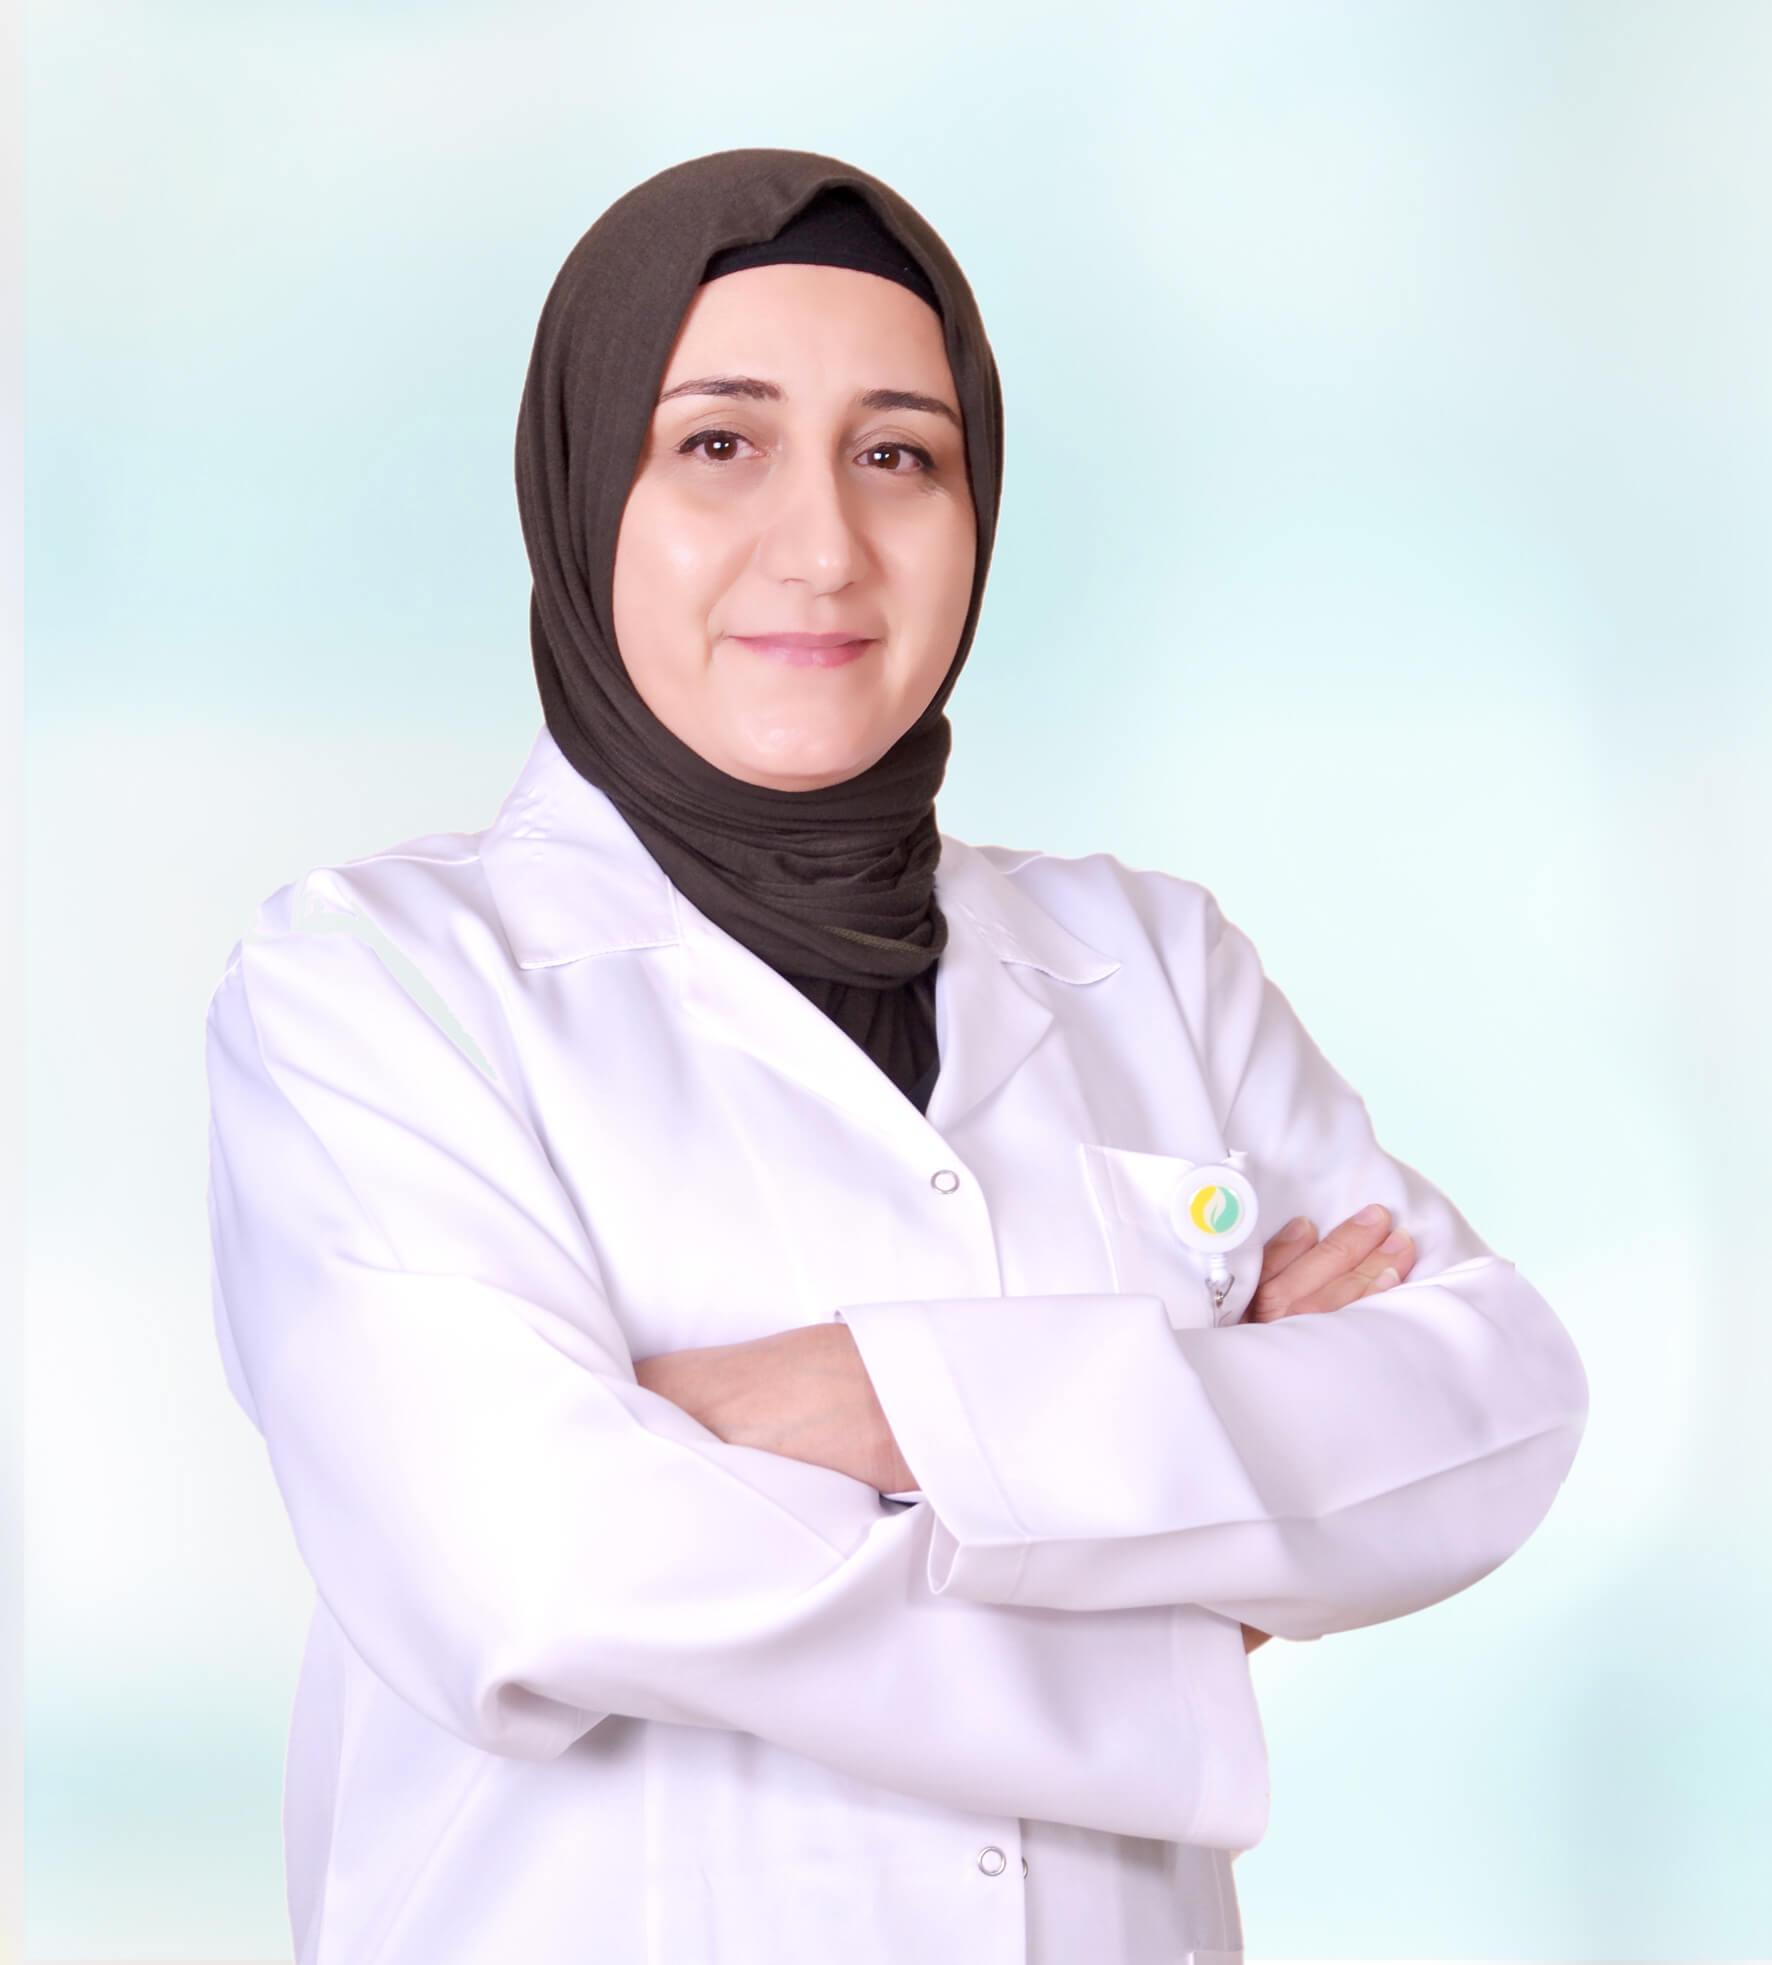 https://shoaamc.com/wp-content/uploads/2020/10/ابتسام-حسان.jpg